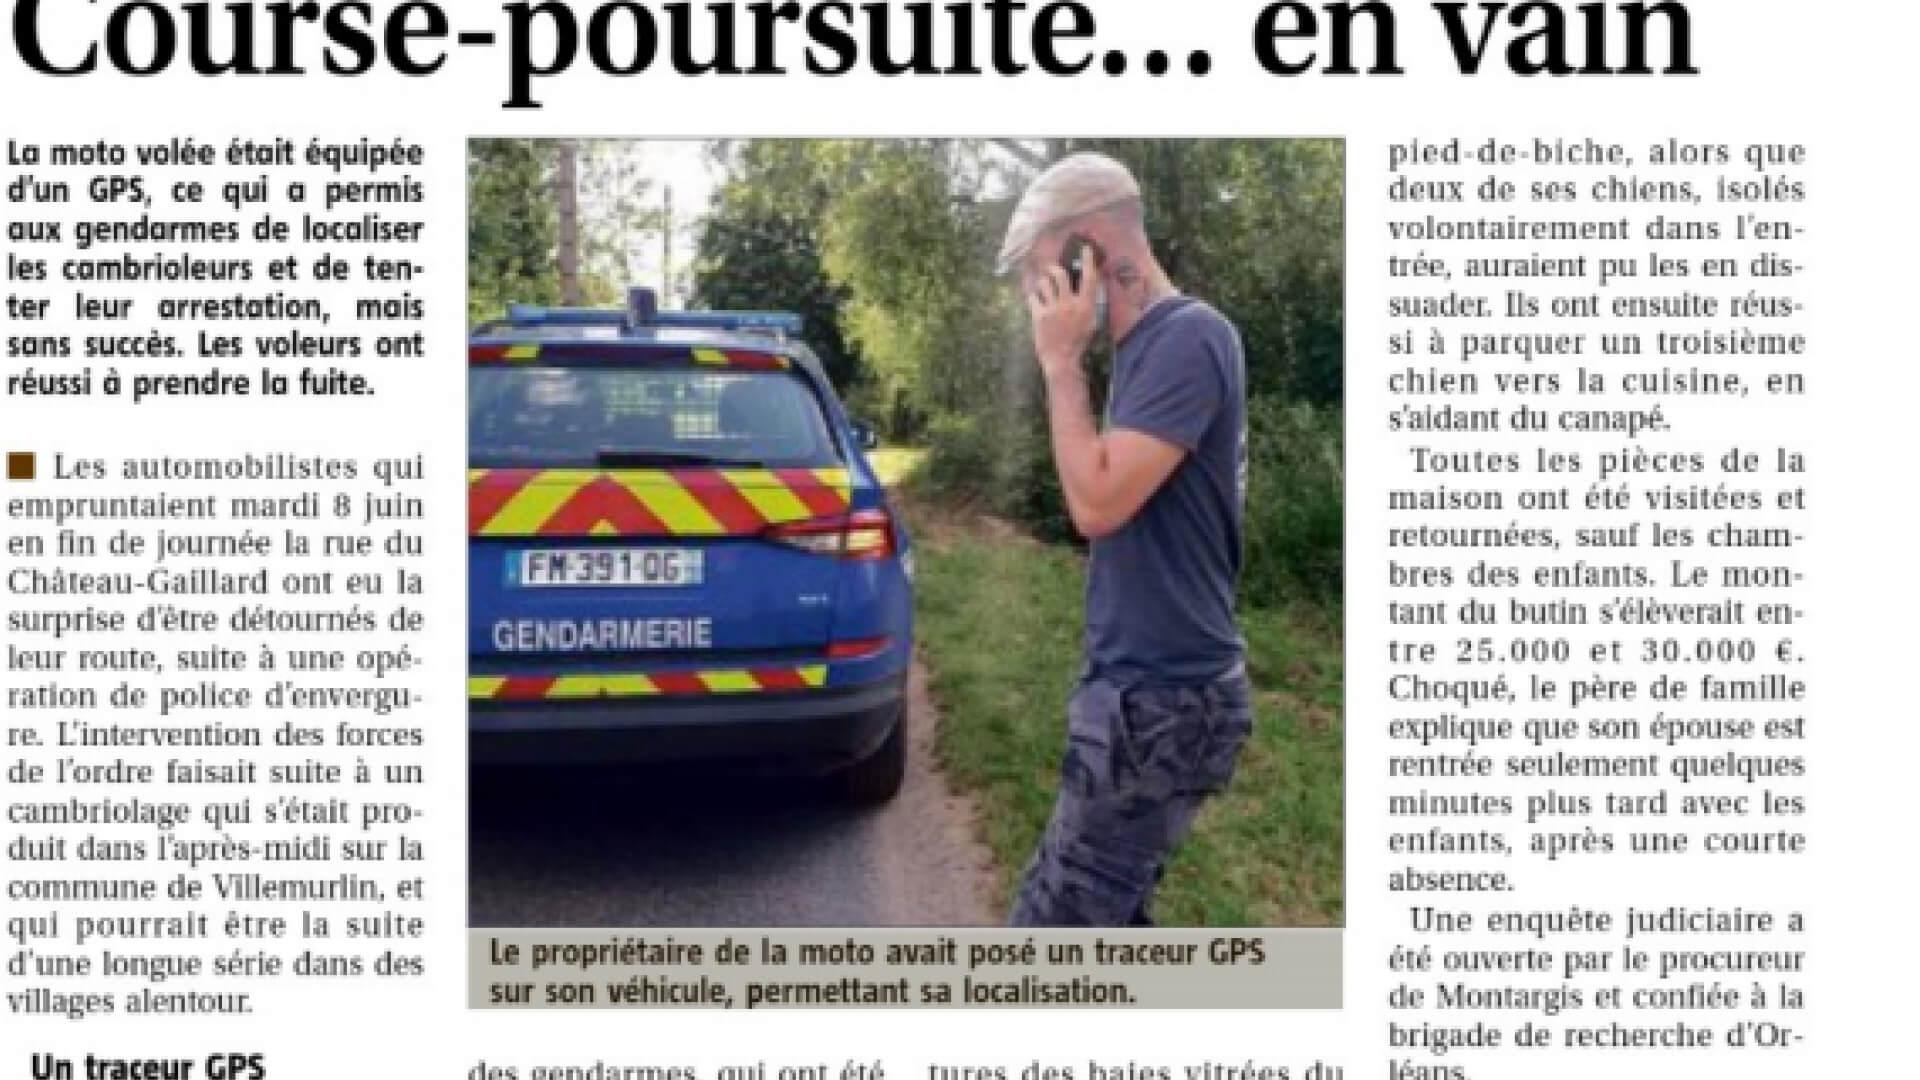 Course-poursuite entre gendarmerie et voleurs de moto cambrioleurs